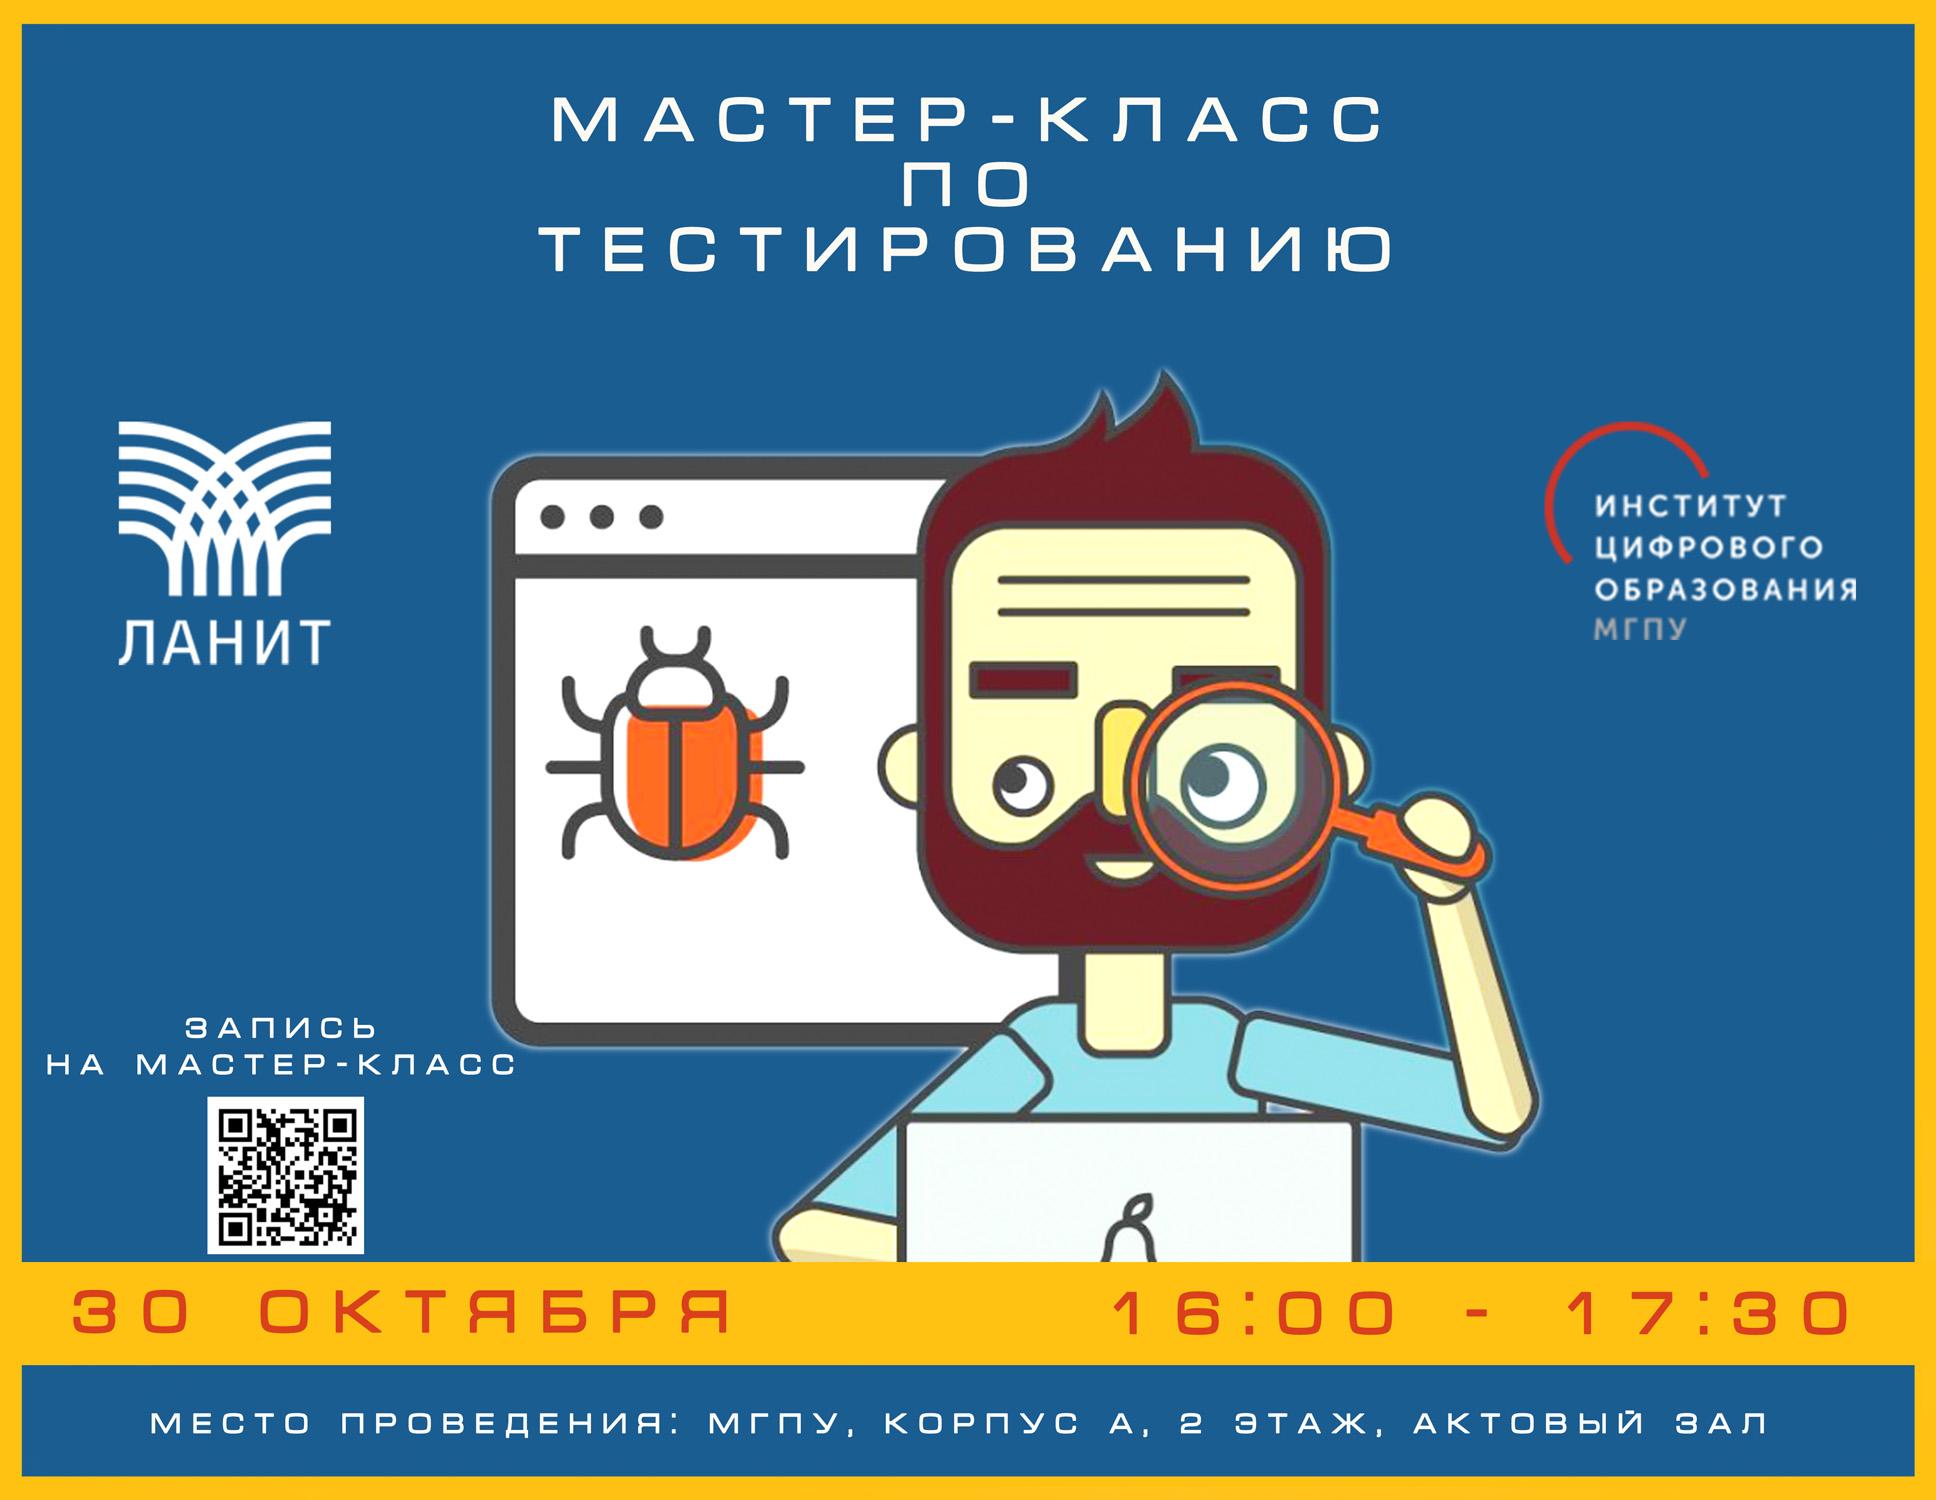 Мастер-класс по тестированию ИТ-проектов от эксперта ЛАНИТ